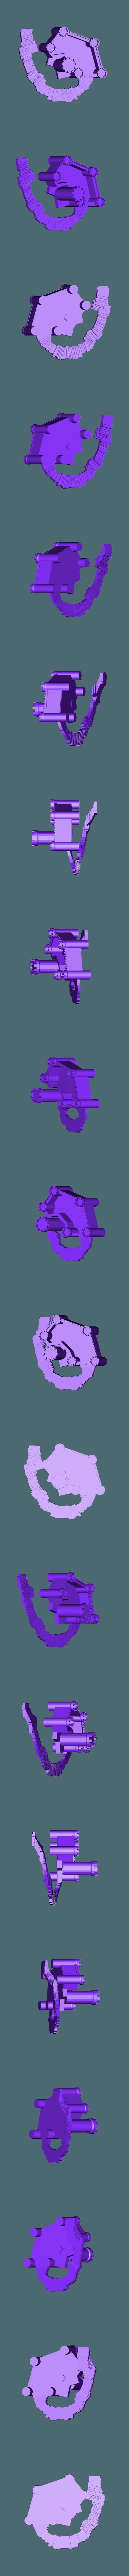 castle-walls2.stl Télécharger fichier GCODE gratuit Castle Mountain ! (Multicolore/Multimatériau) • Modèle pour imprimante 3D, MakerMathieu